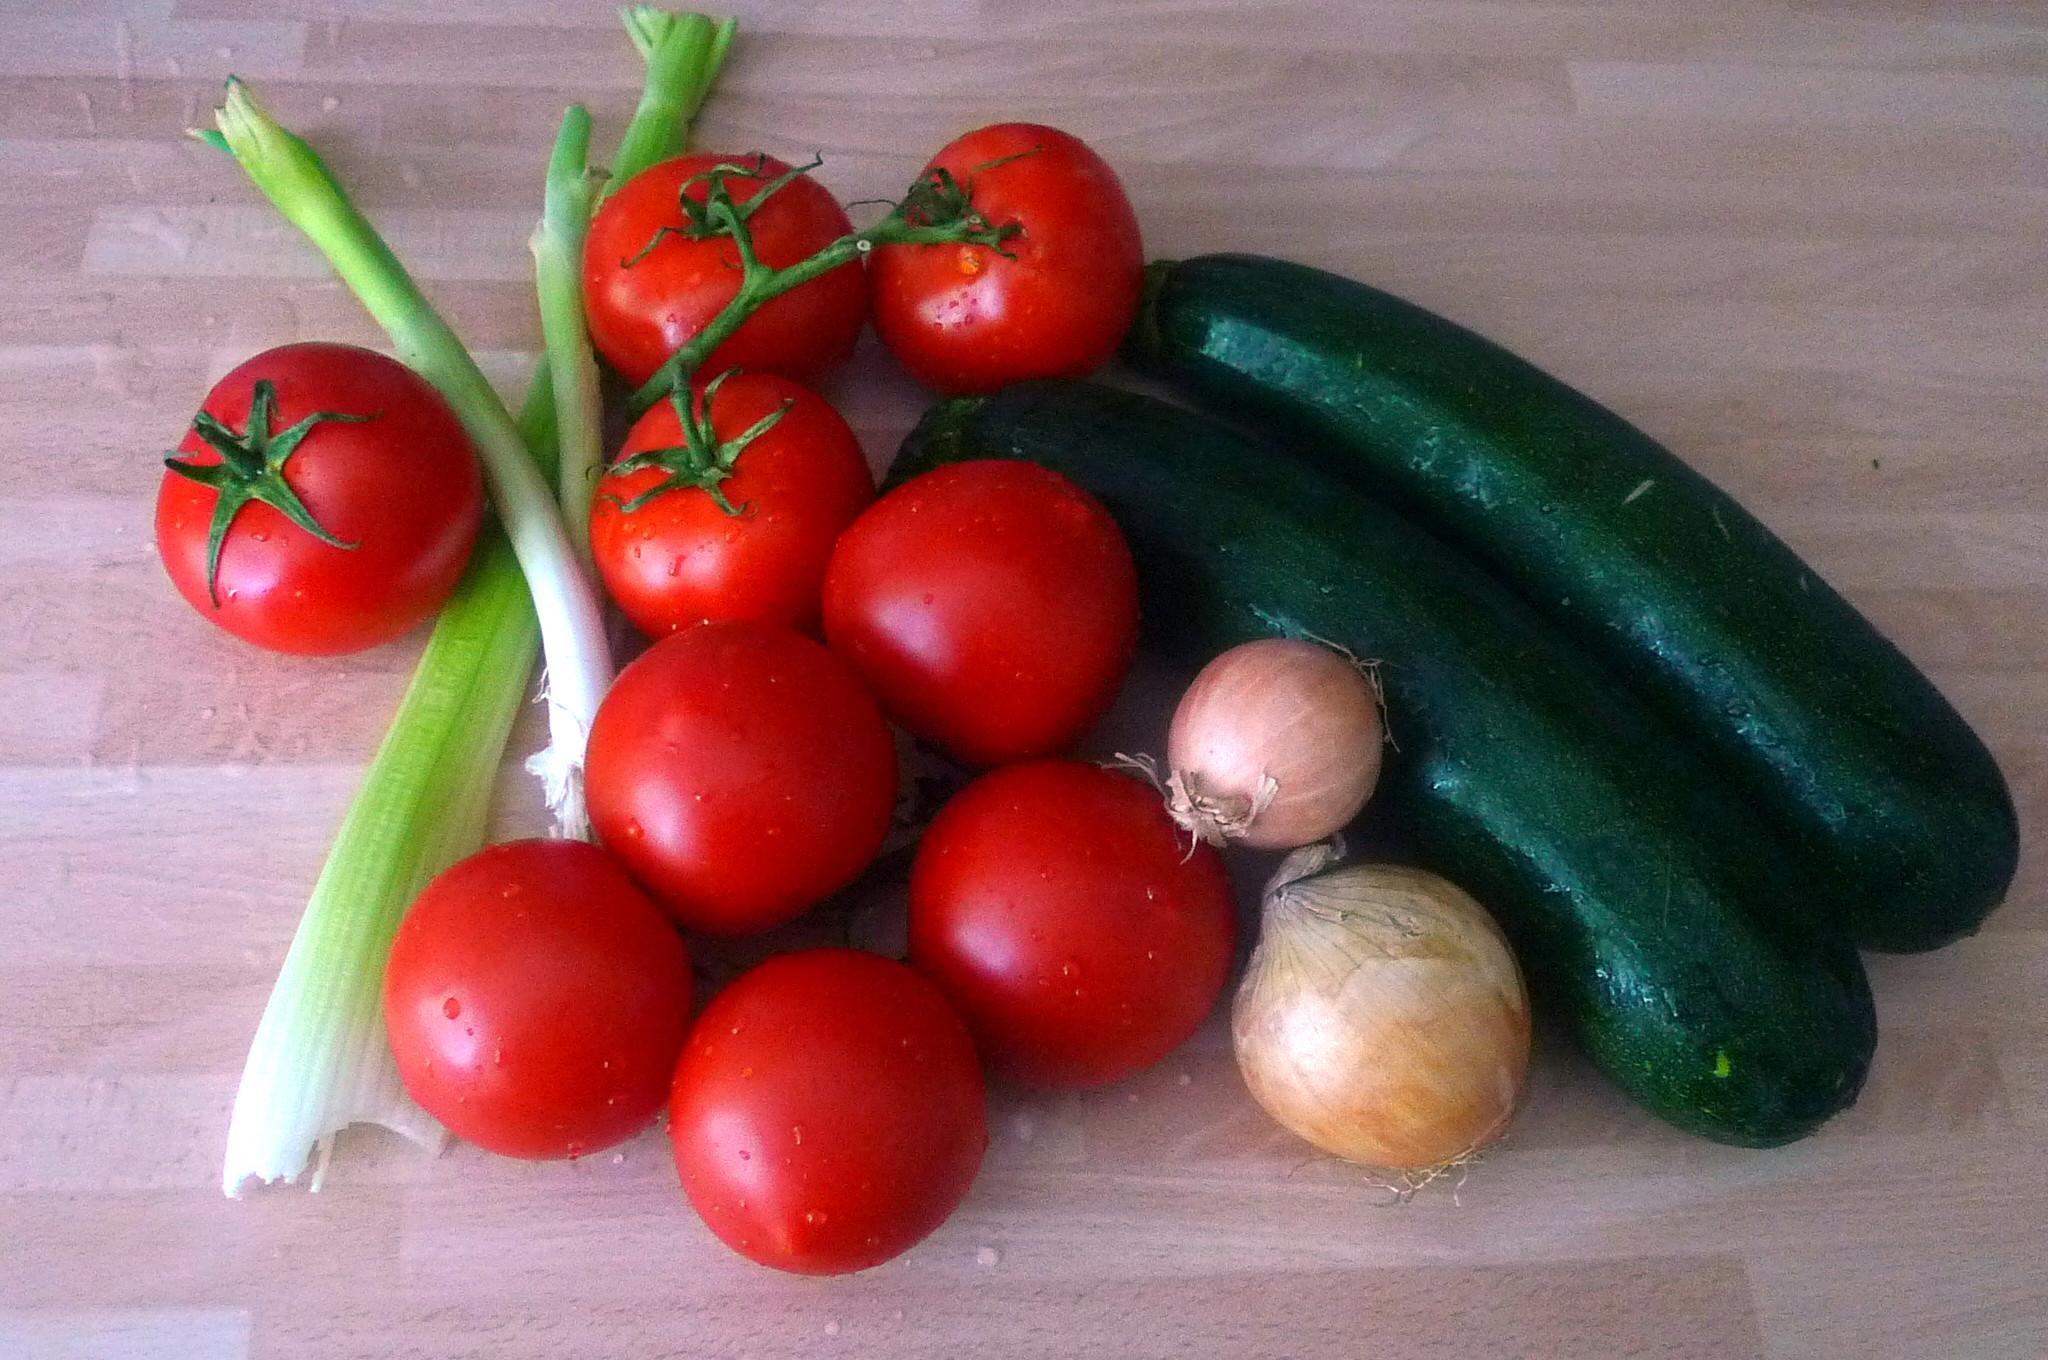 Zucchinispagetthi,Tomatensauce,veganvegetarisch -15.8.15 (1a)